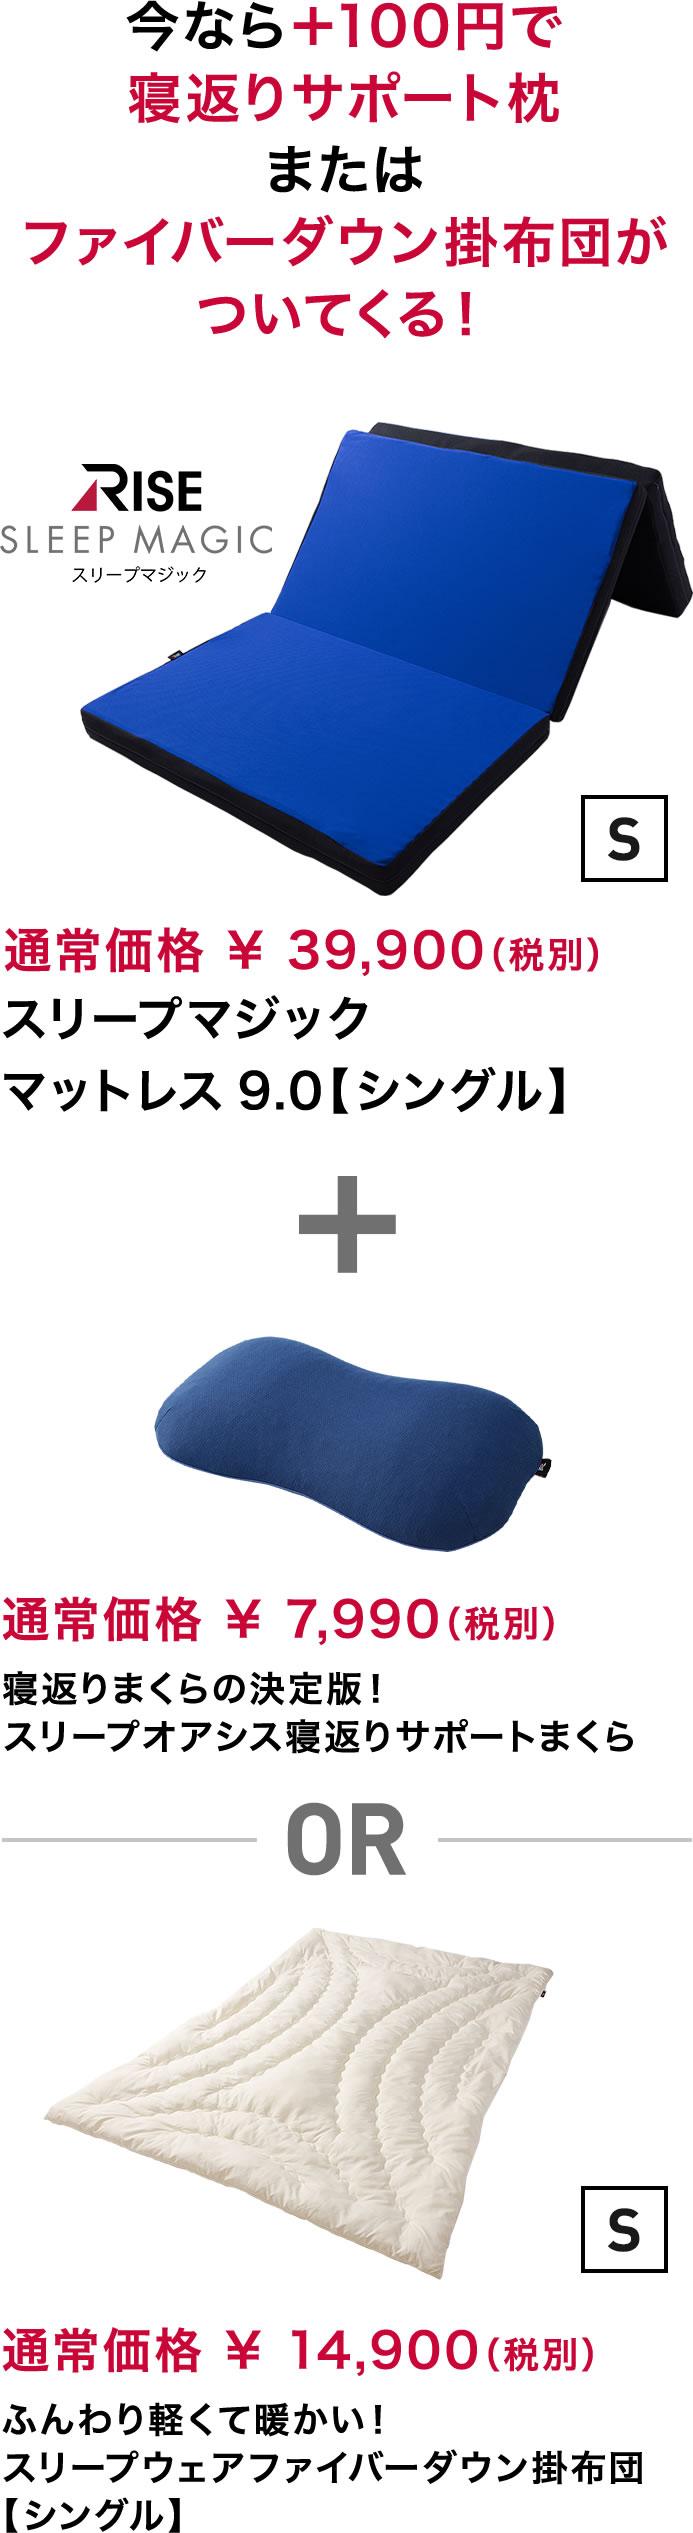 今なら+100円で寝返りサポート枕またはファイバーダウン掛布団がついてくる!